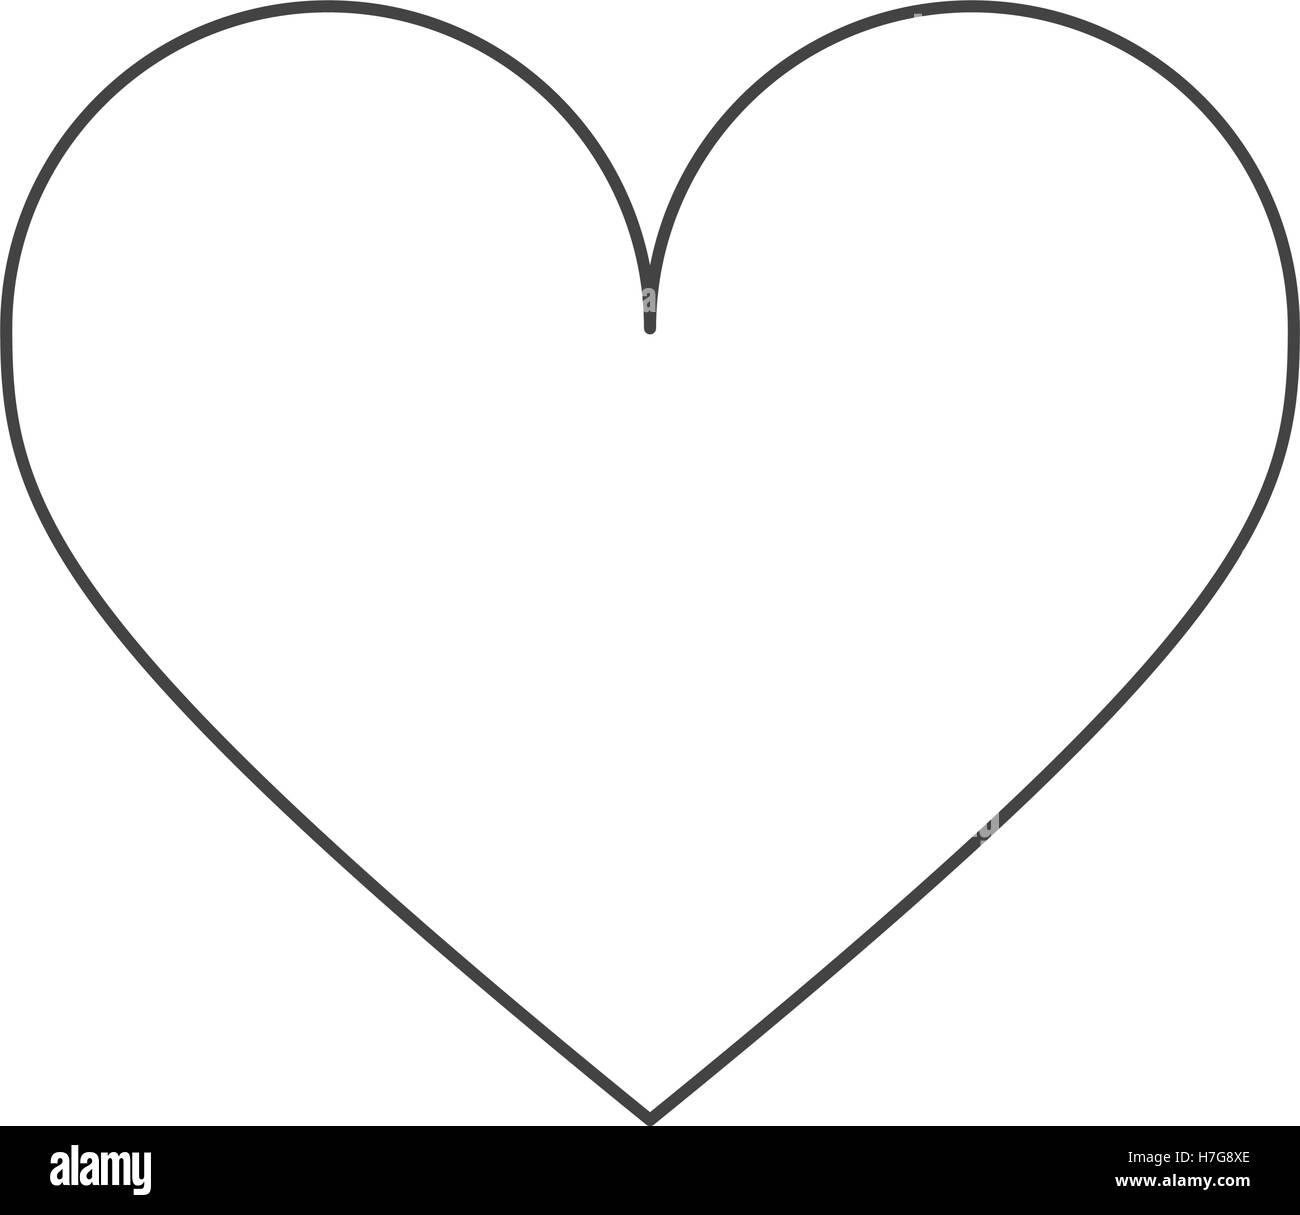 Conception de forme coeur isolé Photo Stock